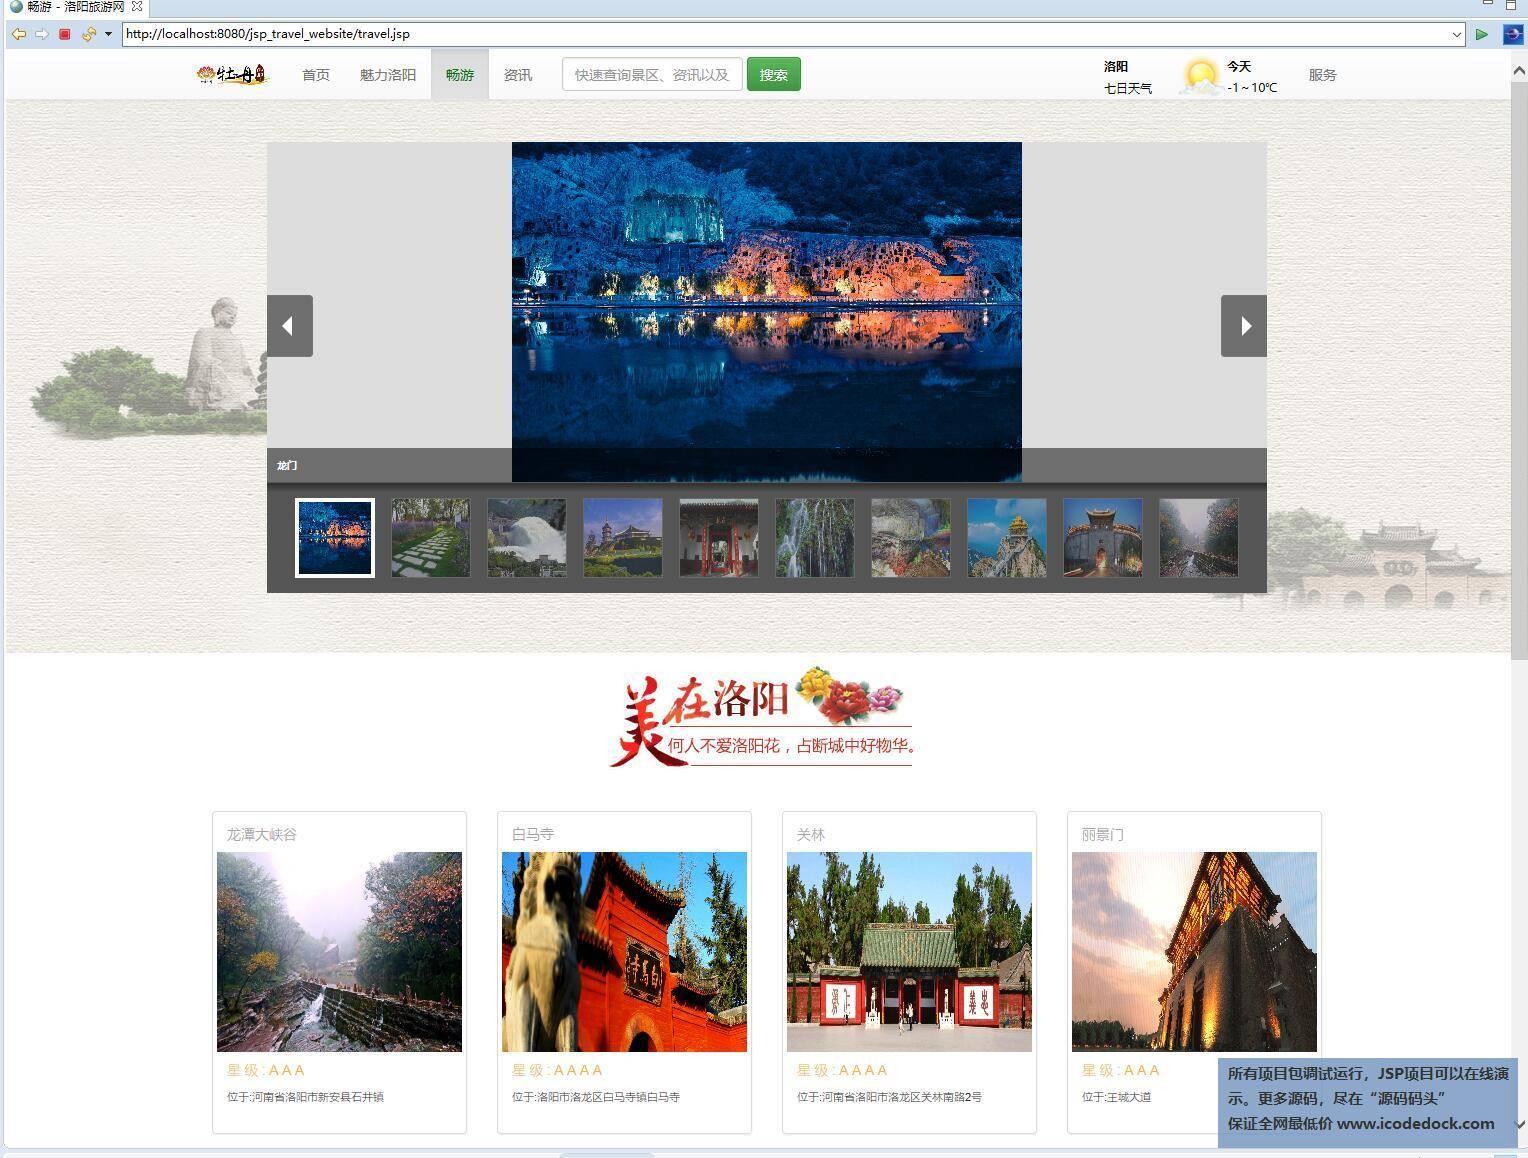 源码码头-JSP旅游网站管理系统-用户角色-景点介绍